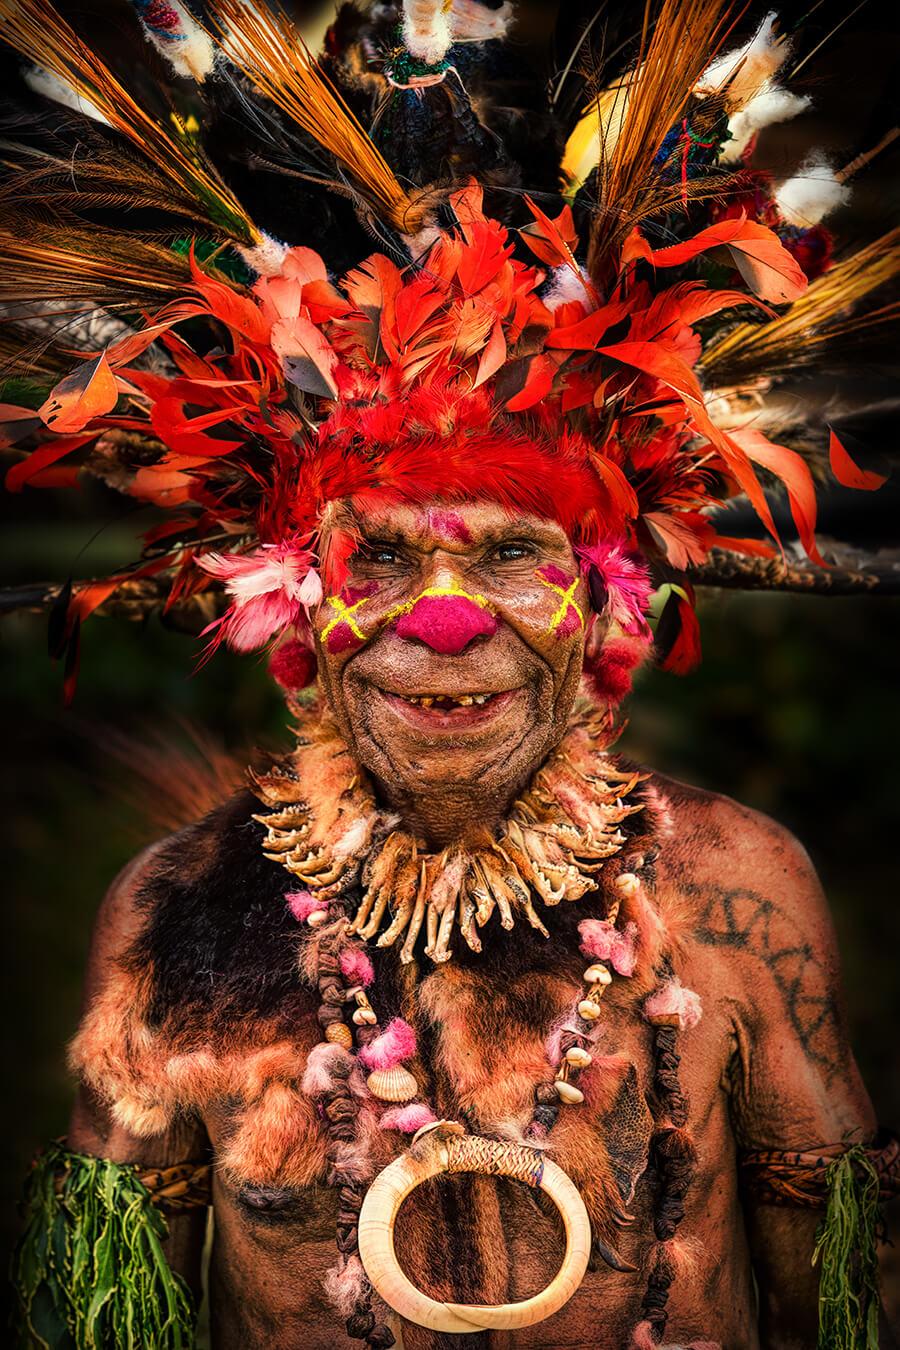 Мужчина с Восточных Высокогорий Папуа - Новой Гвинеи. © Александр Химушин / The World In Faces